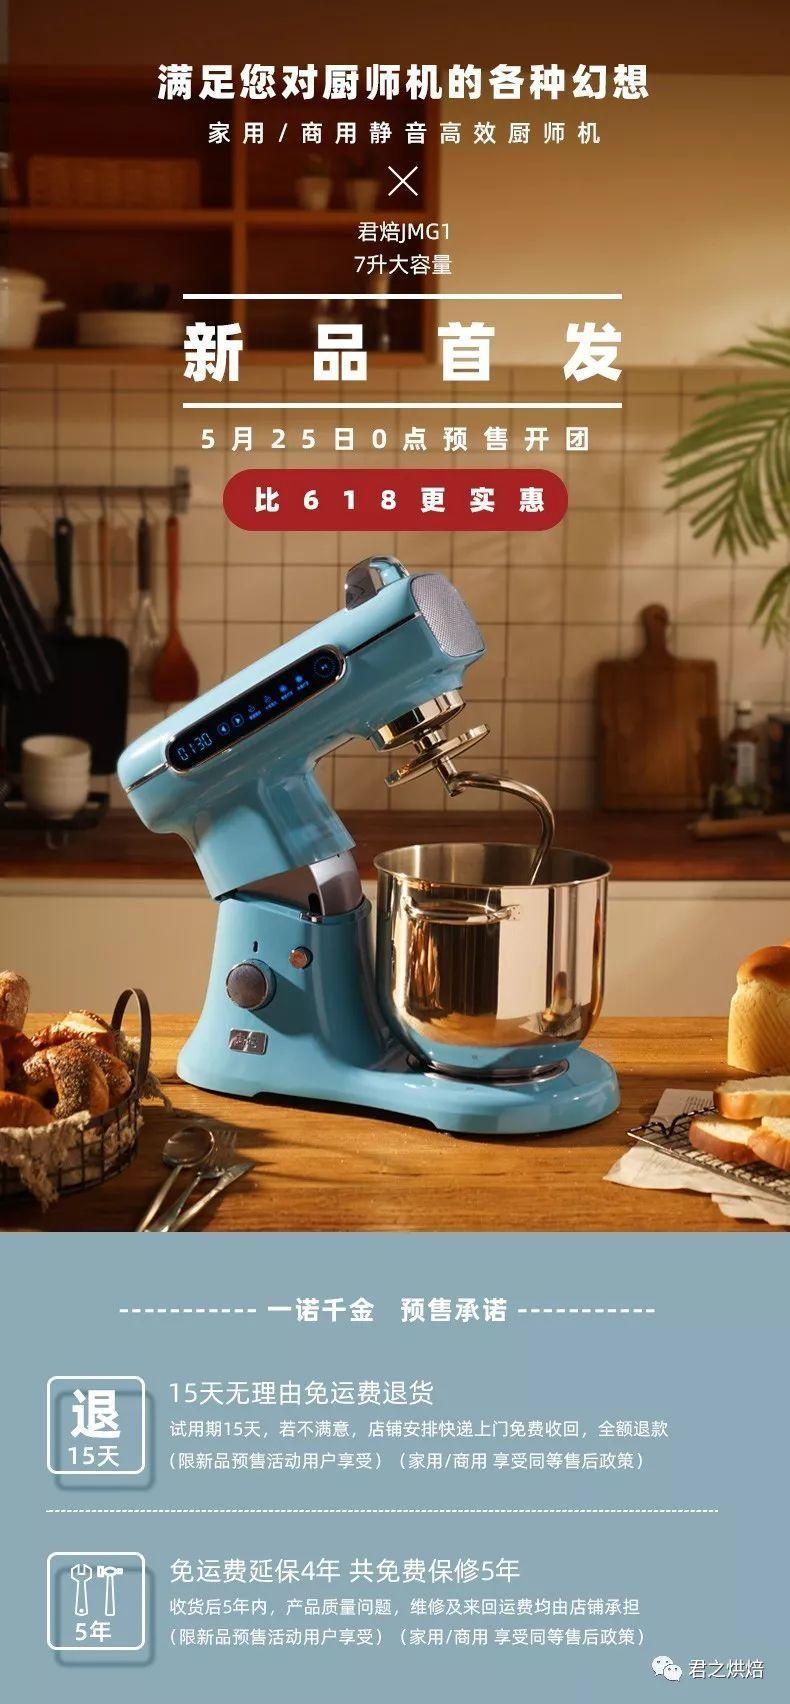 满足你对厨师机的各种幻想,君焙7升大容量厨师机首发!